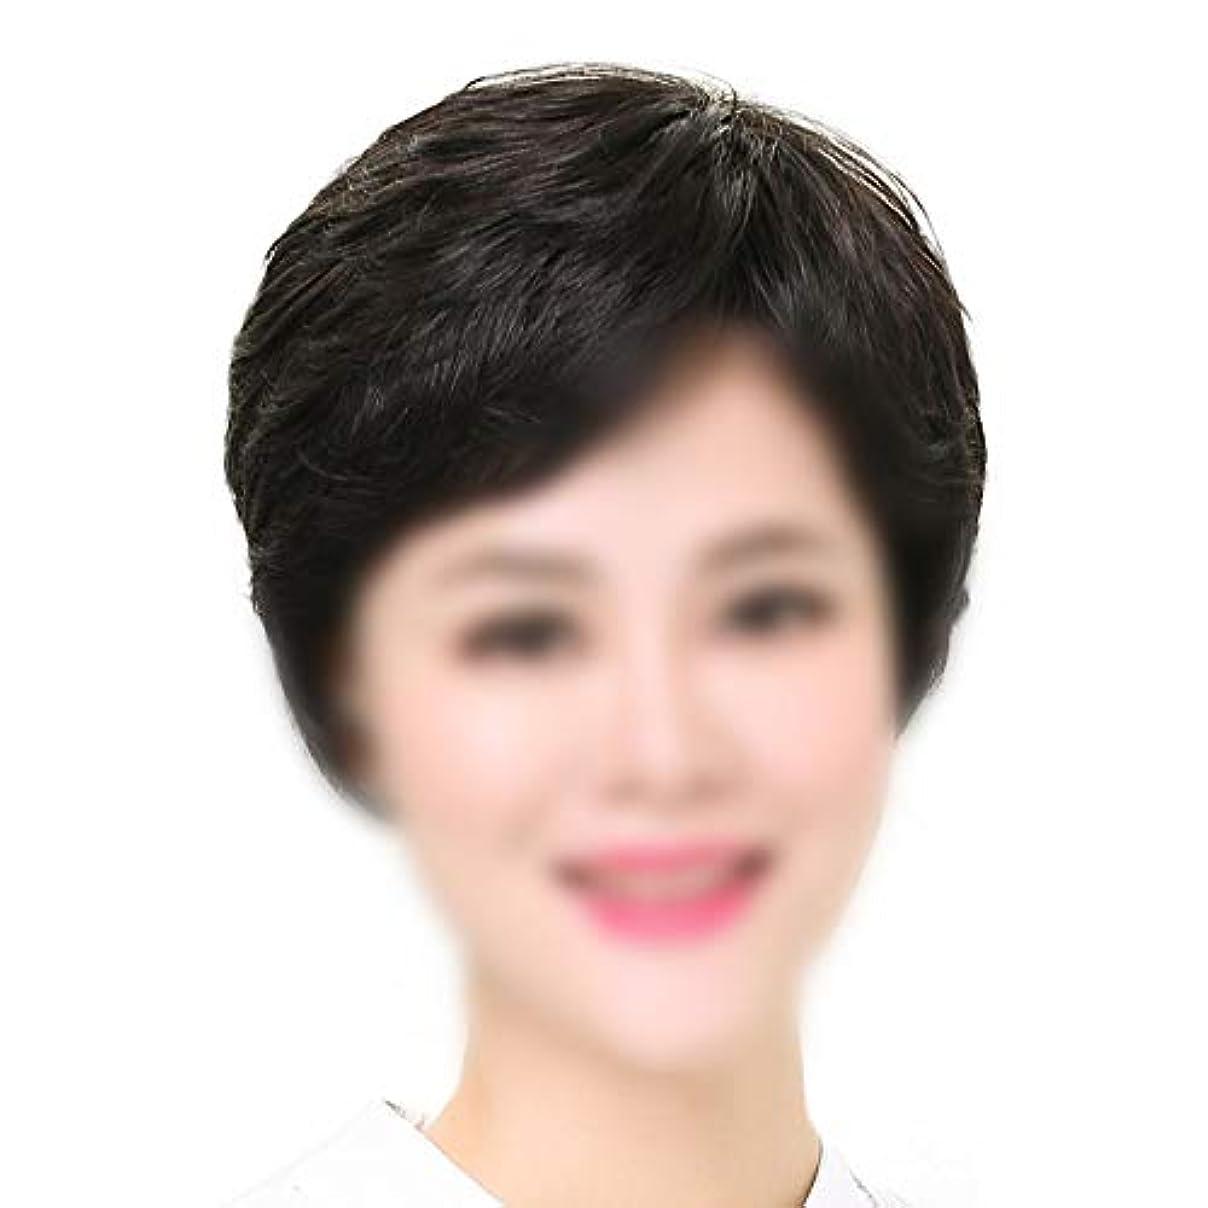 繰り返すピッチネクタイYOUQIU フル手織り女性の自然な人間の髪マイクロ波ショートヘアウィッグかつら中年 (色 : Natural black, サイズ : Hand-needle)